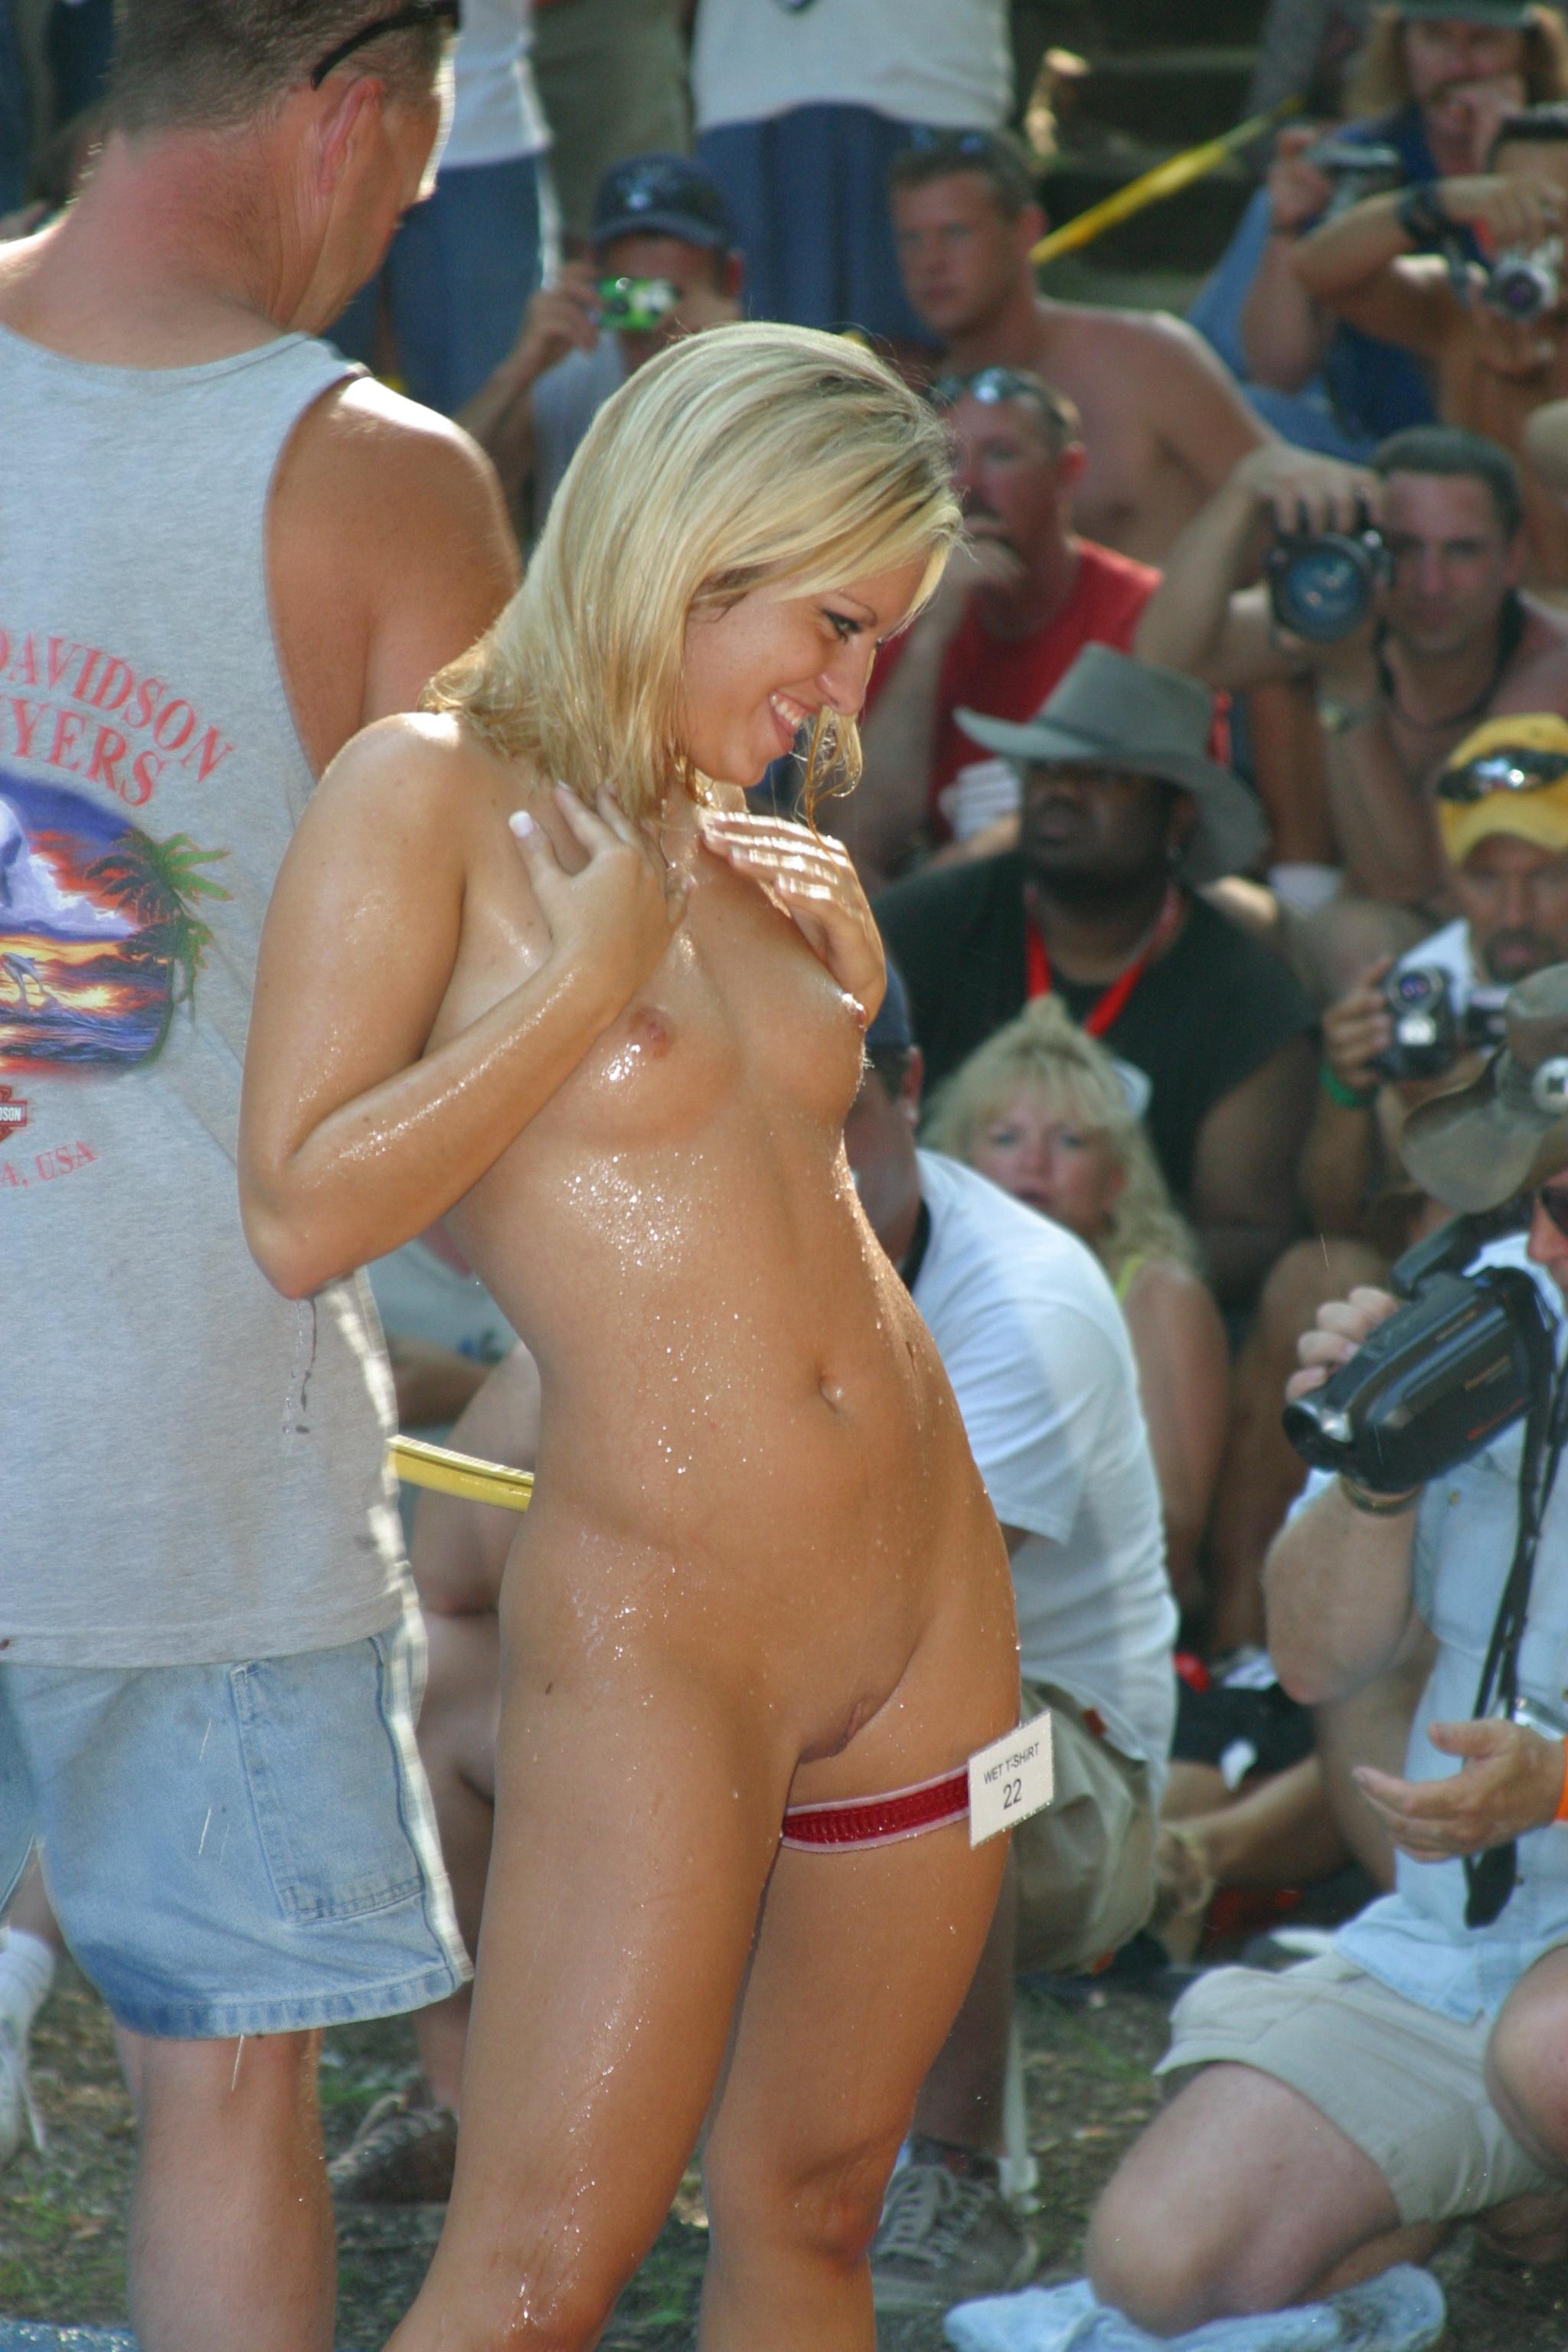 coeds amature girls naked photos